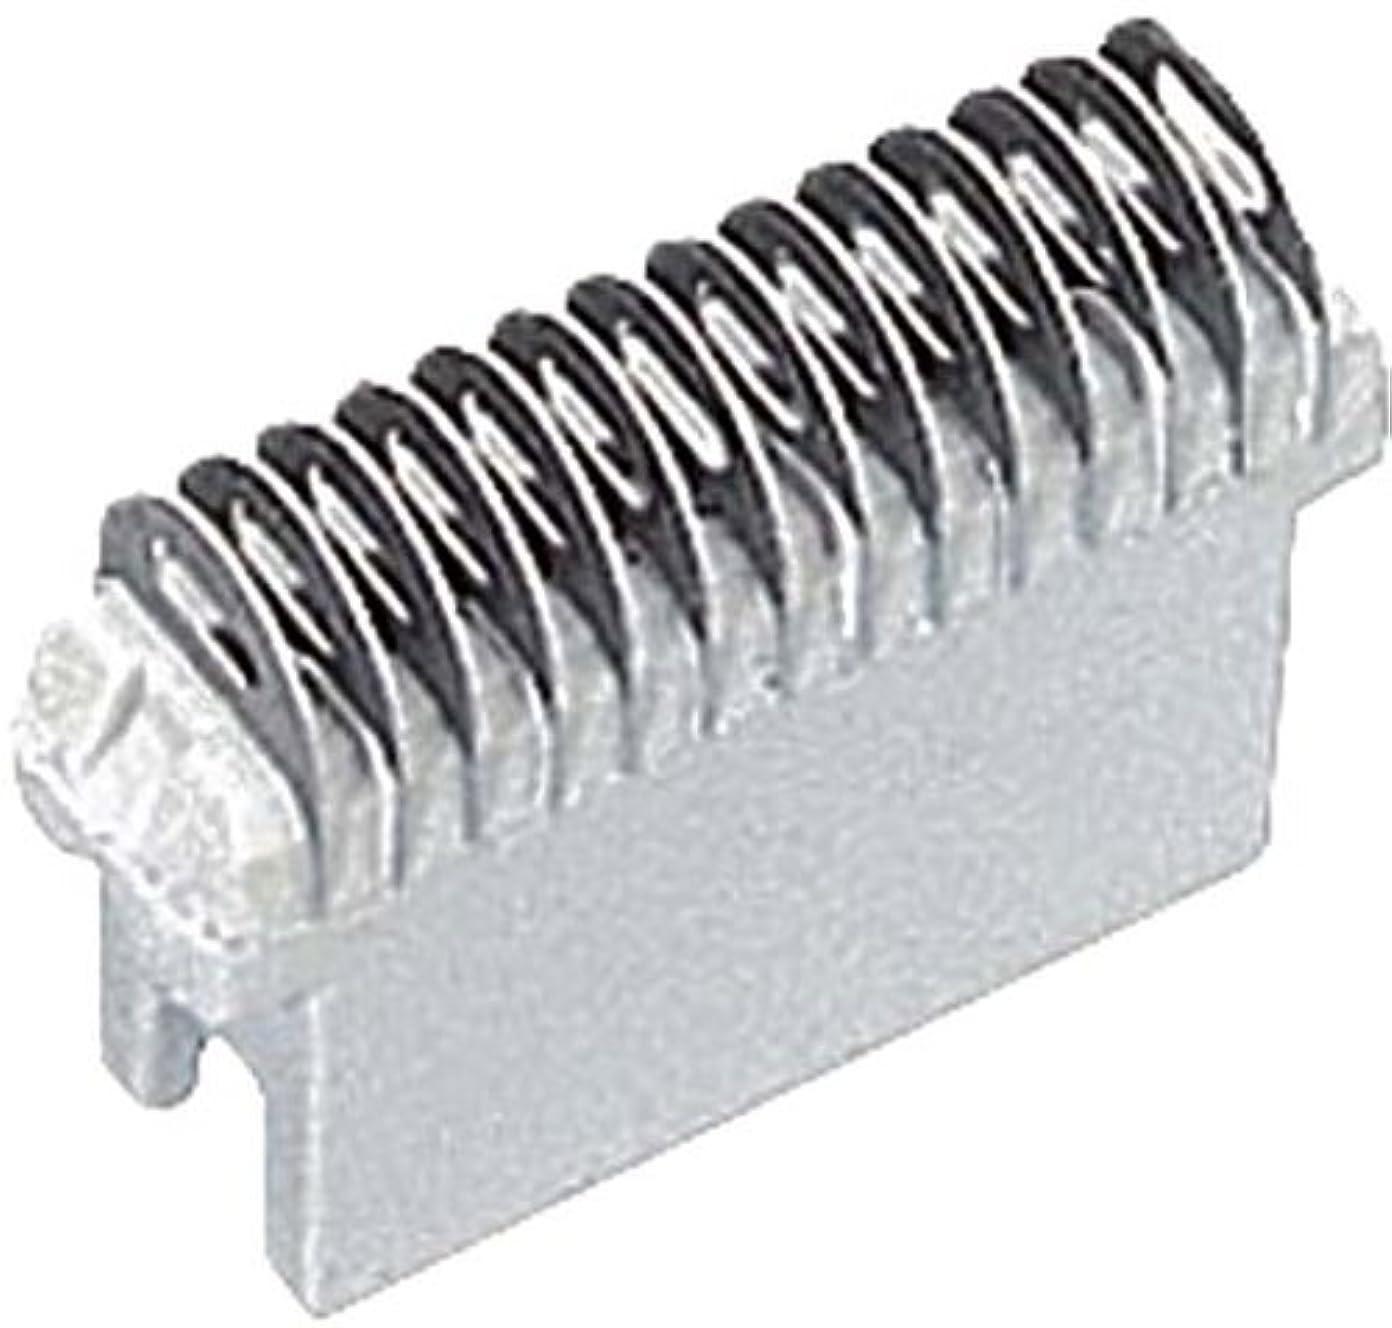 組立引き渡す誇張するPanasonic レディシェーバー替刃 ES9786